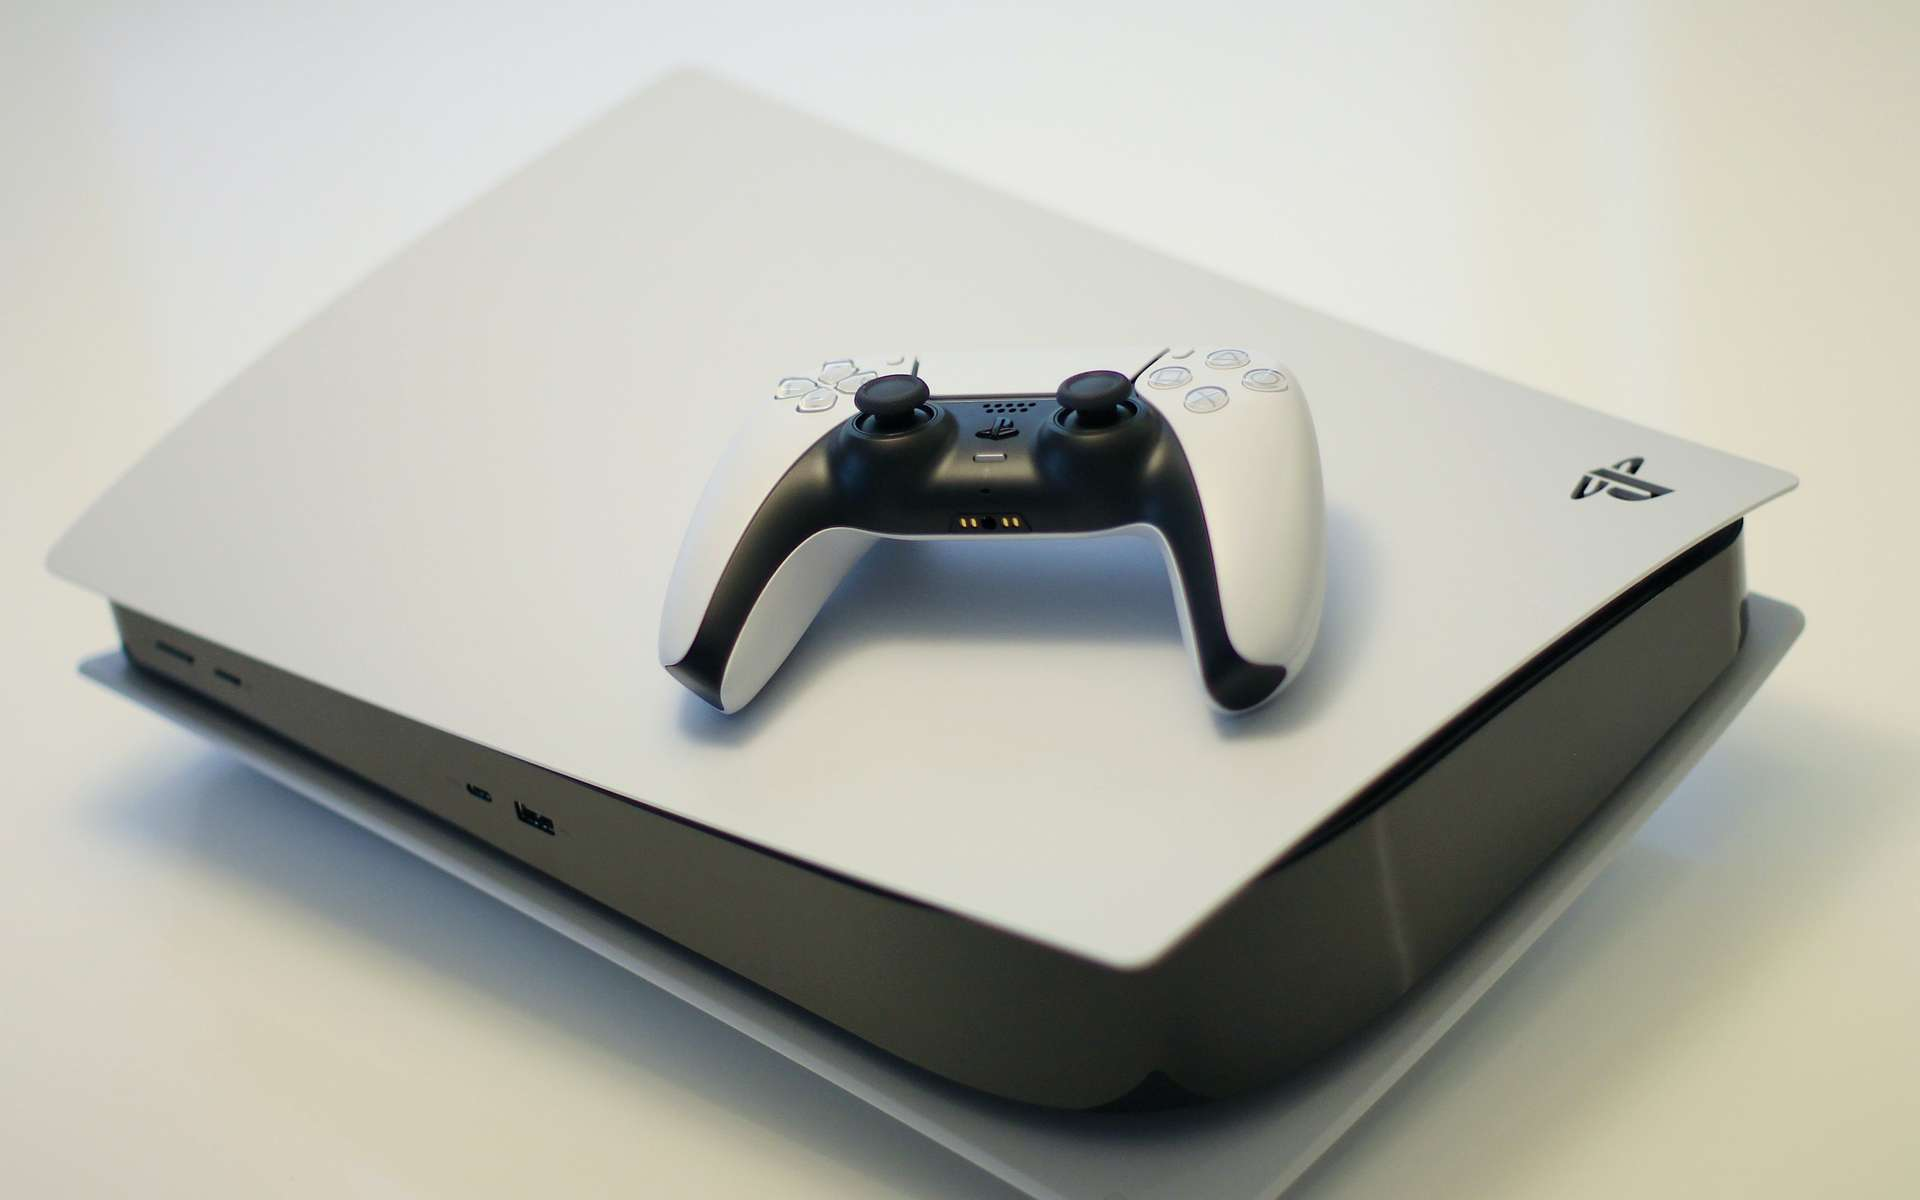 La PlayStation 5 vendue à prix mini chez SFR © Kerde Severin, Pexels